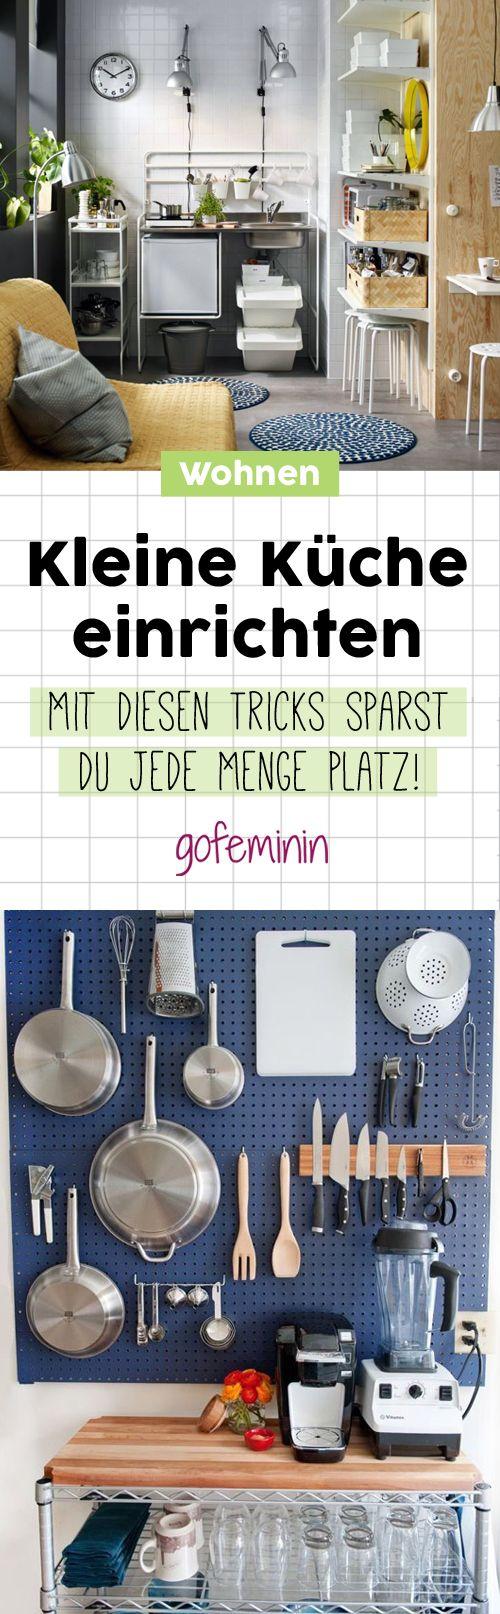 Kleine Küche einrichten: Die besten Tricks um Platz zu sparen